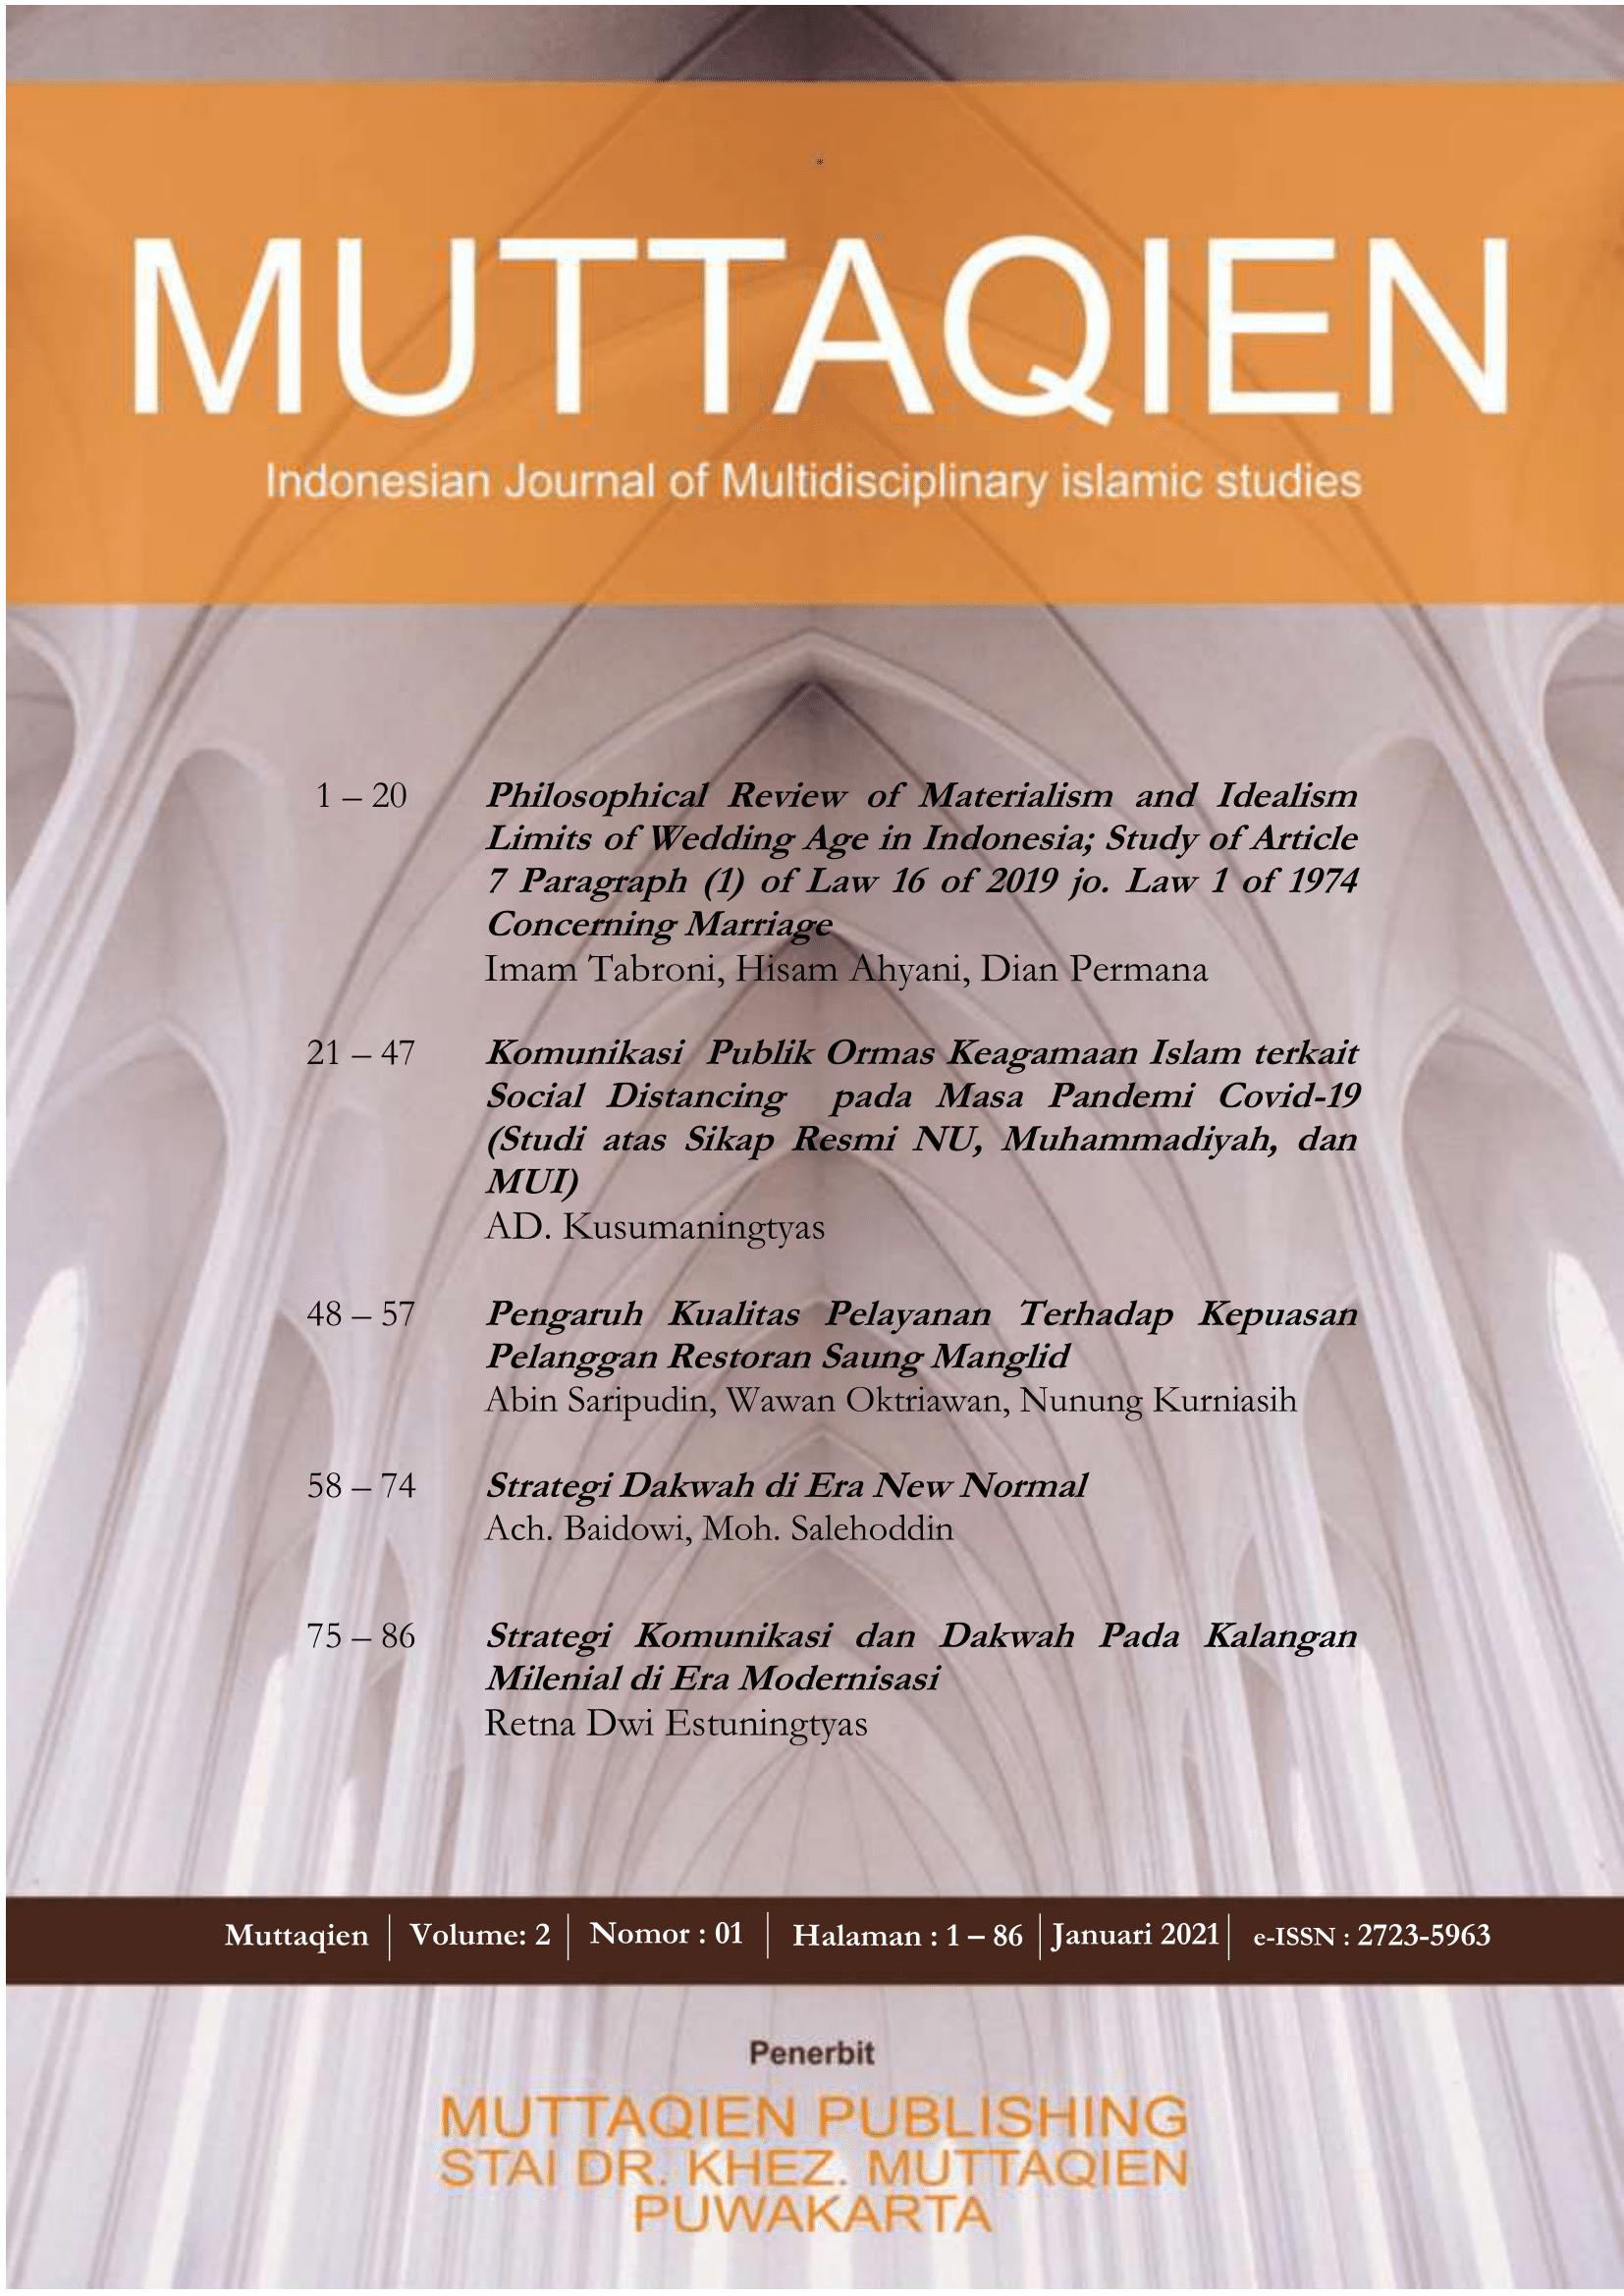 View Vol. 2 No. 01 (2021): Muttaqien; Indonesian Journal of Multiciplinary Islamic Studies (Vol.02, No.1, Januari 2021)